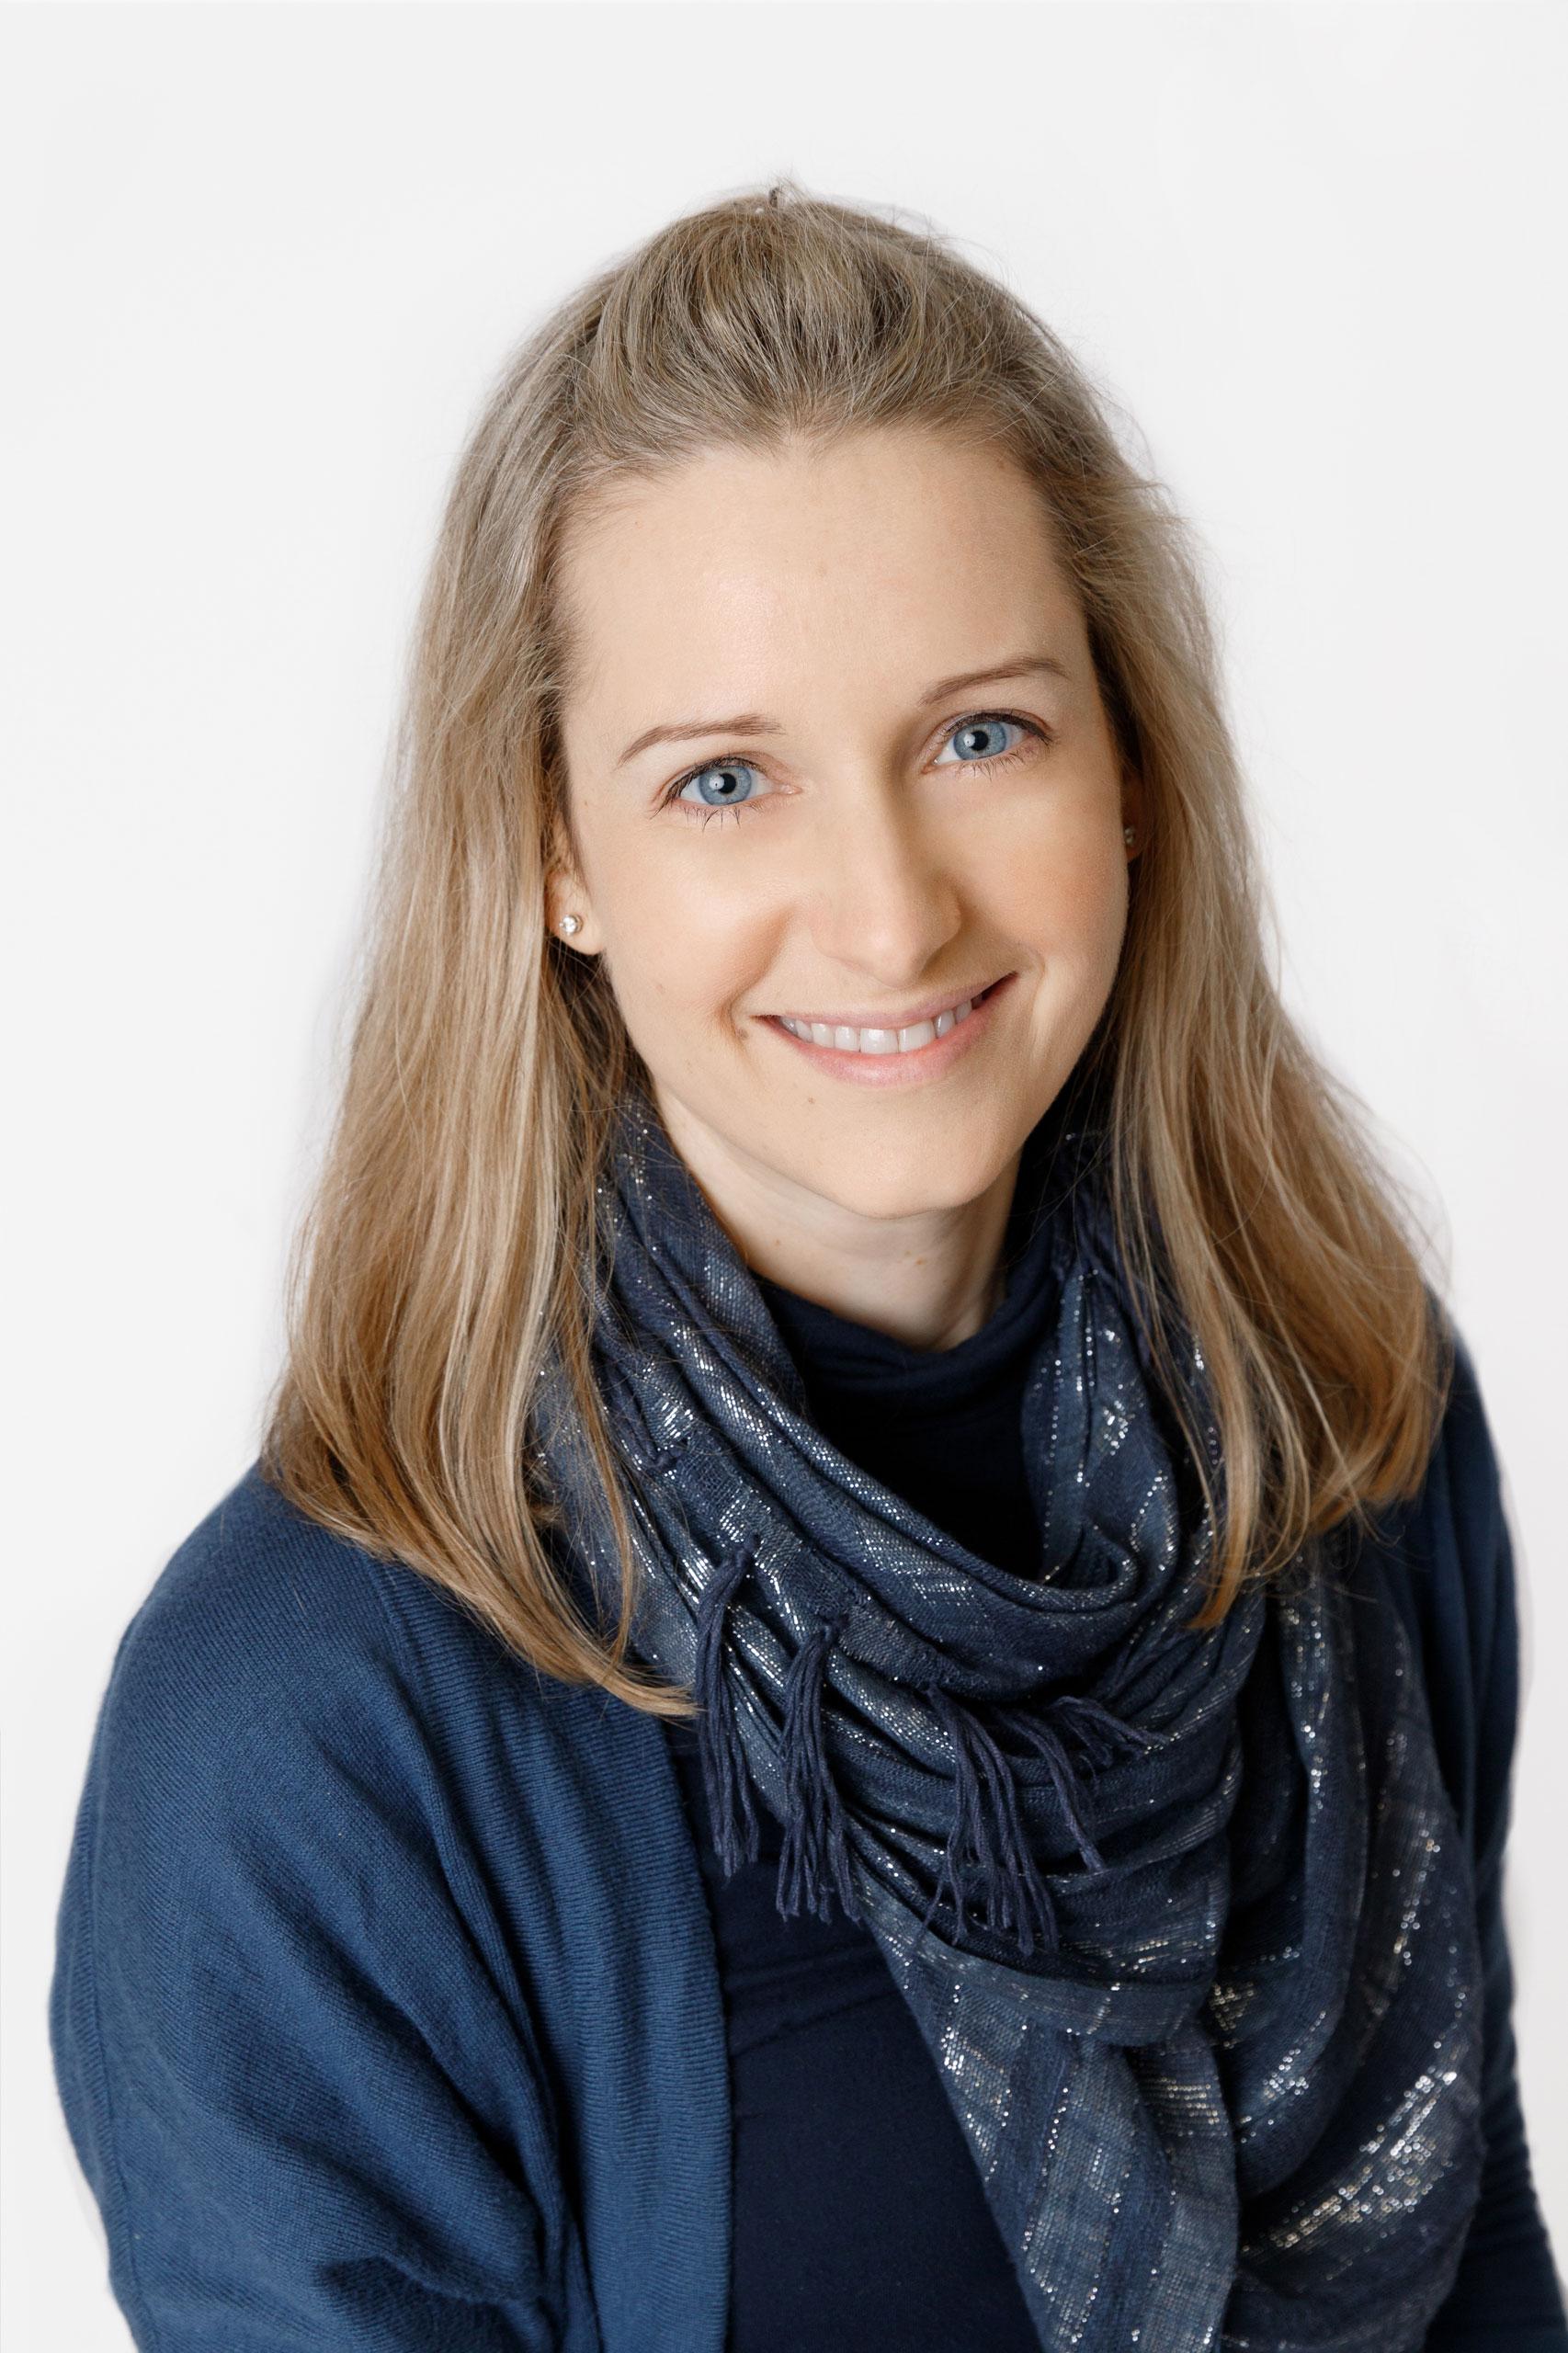 Joanna Osborne